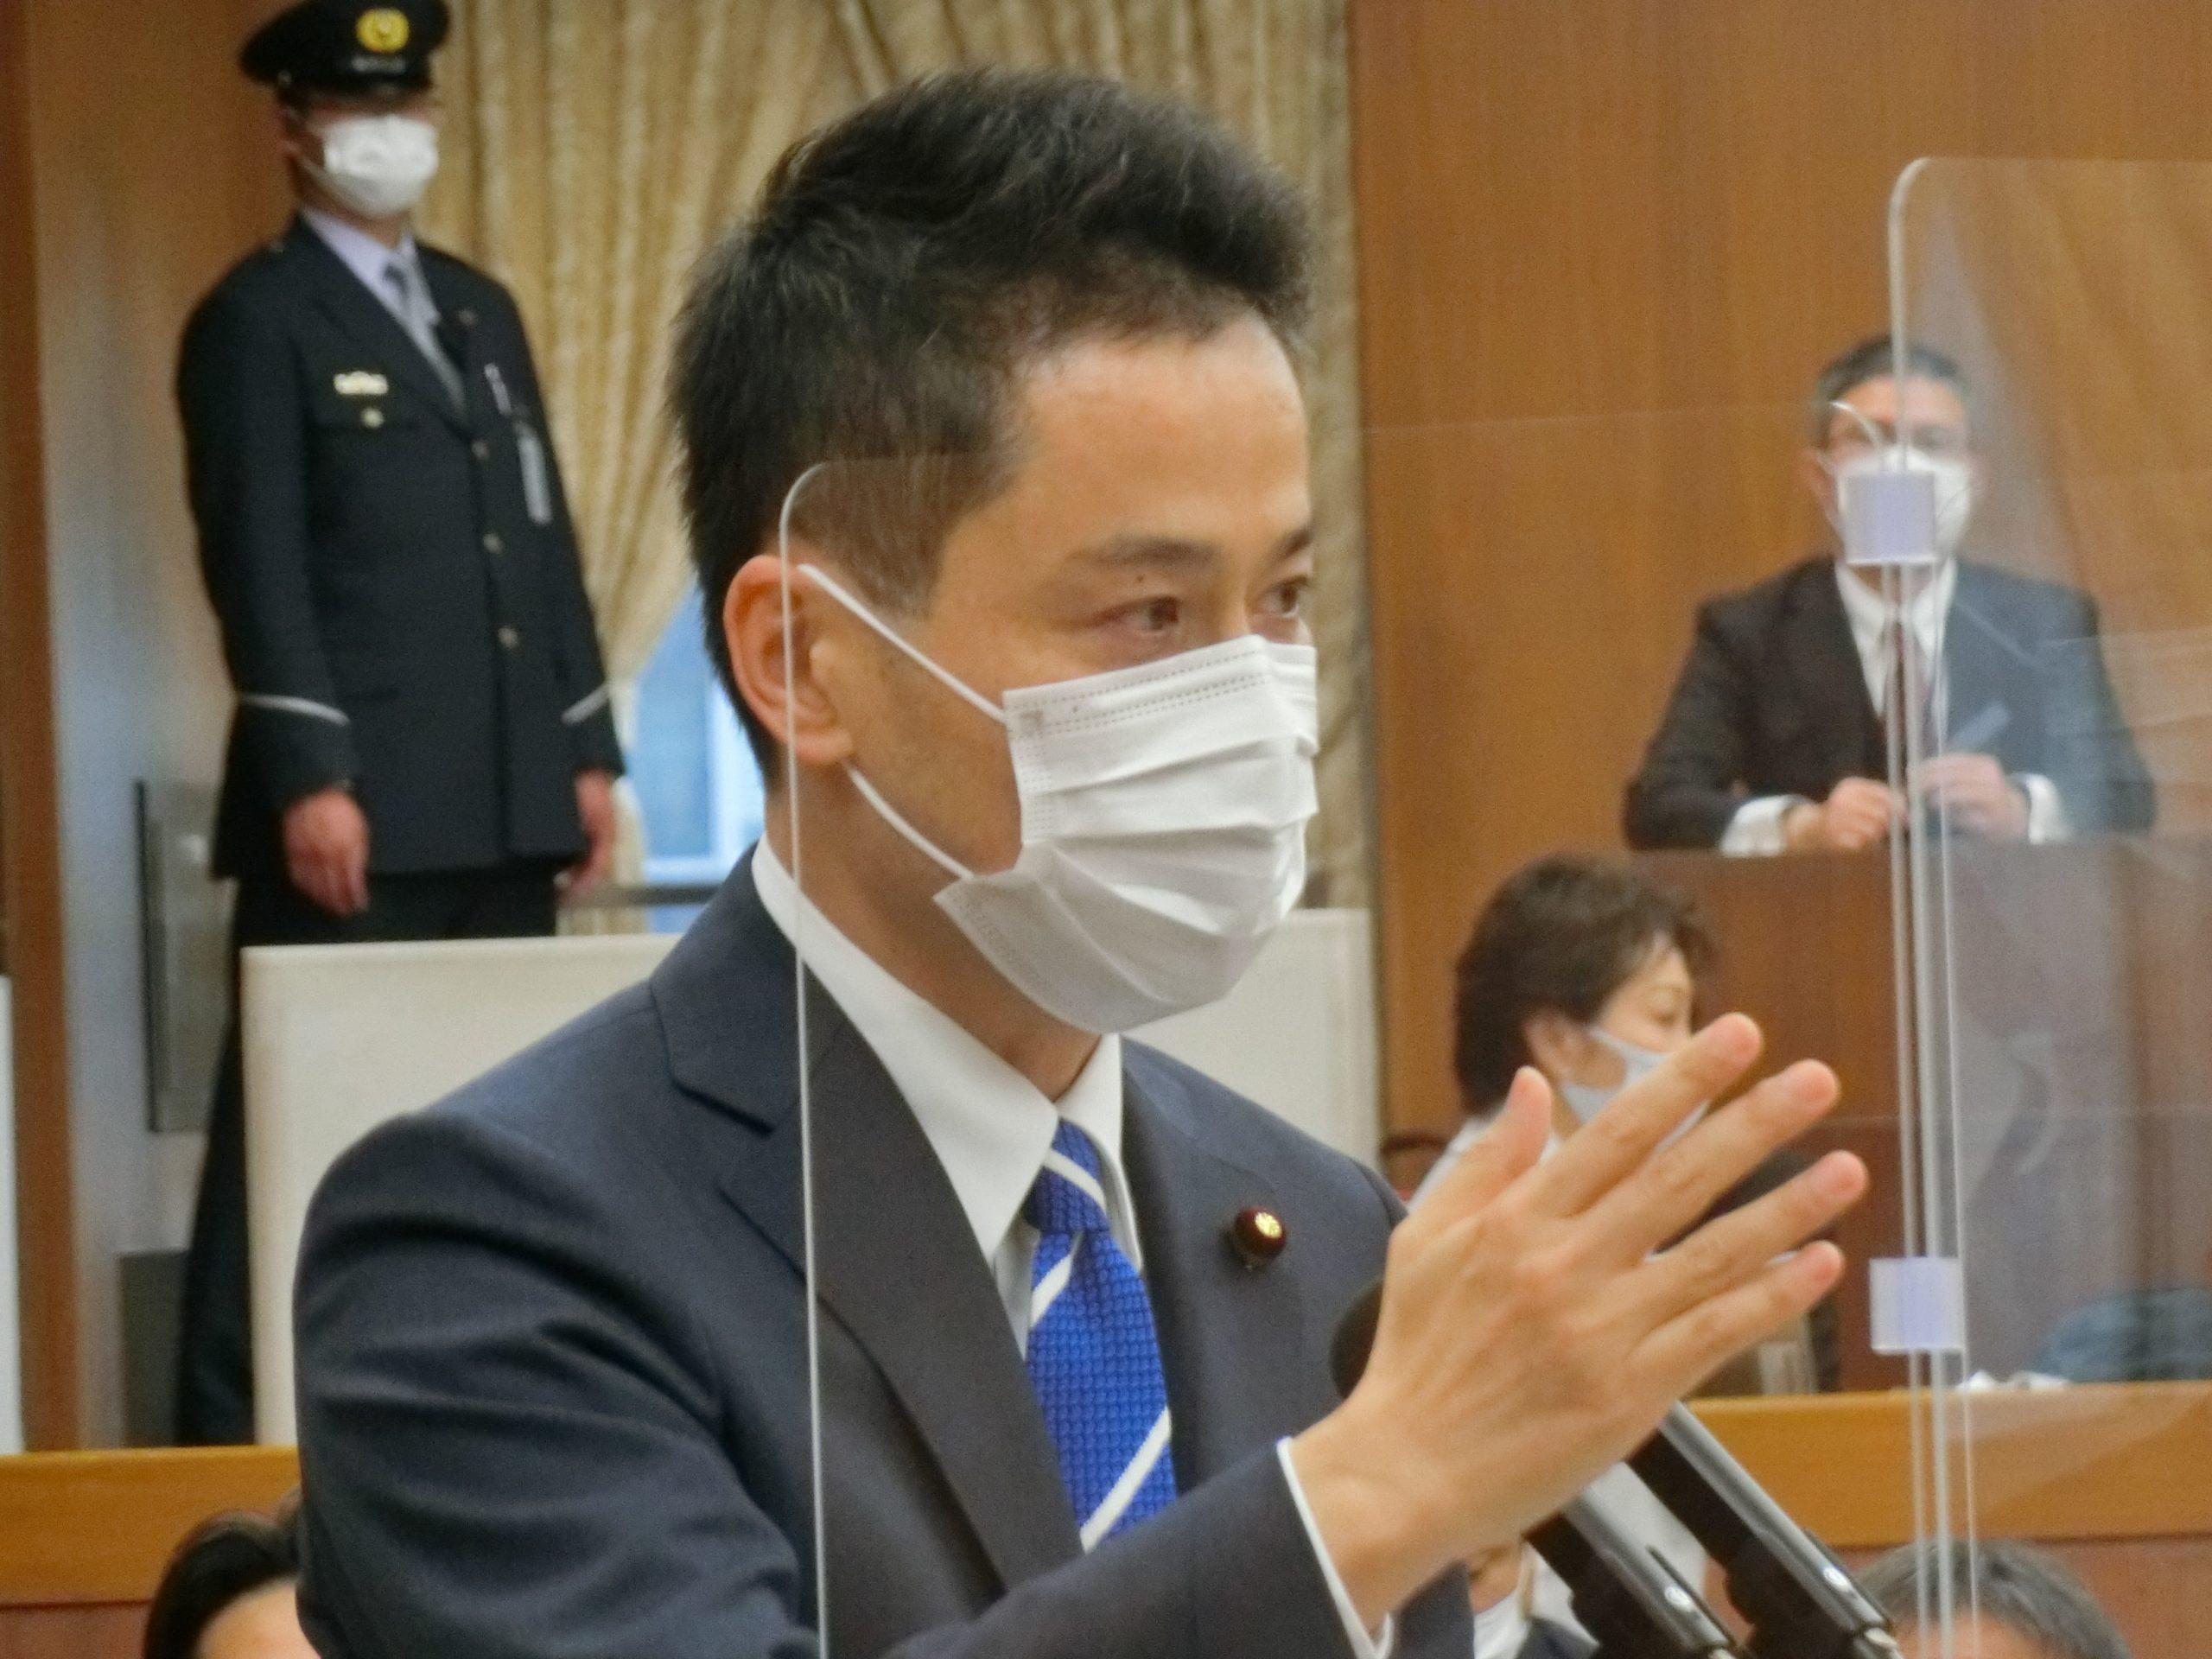 東京電力・柏崎刈羽発電所のテロ対策欠落について審議